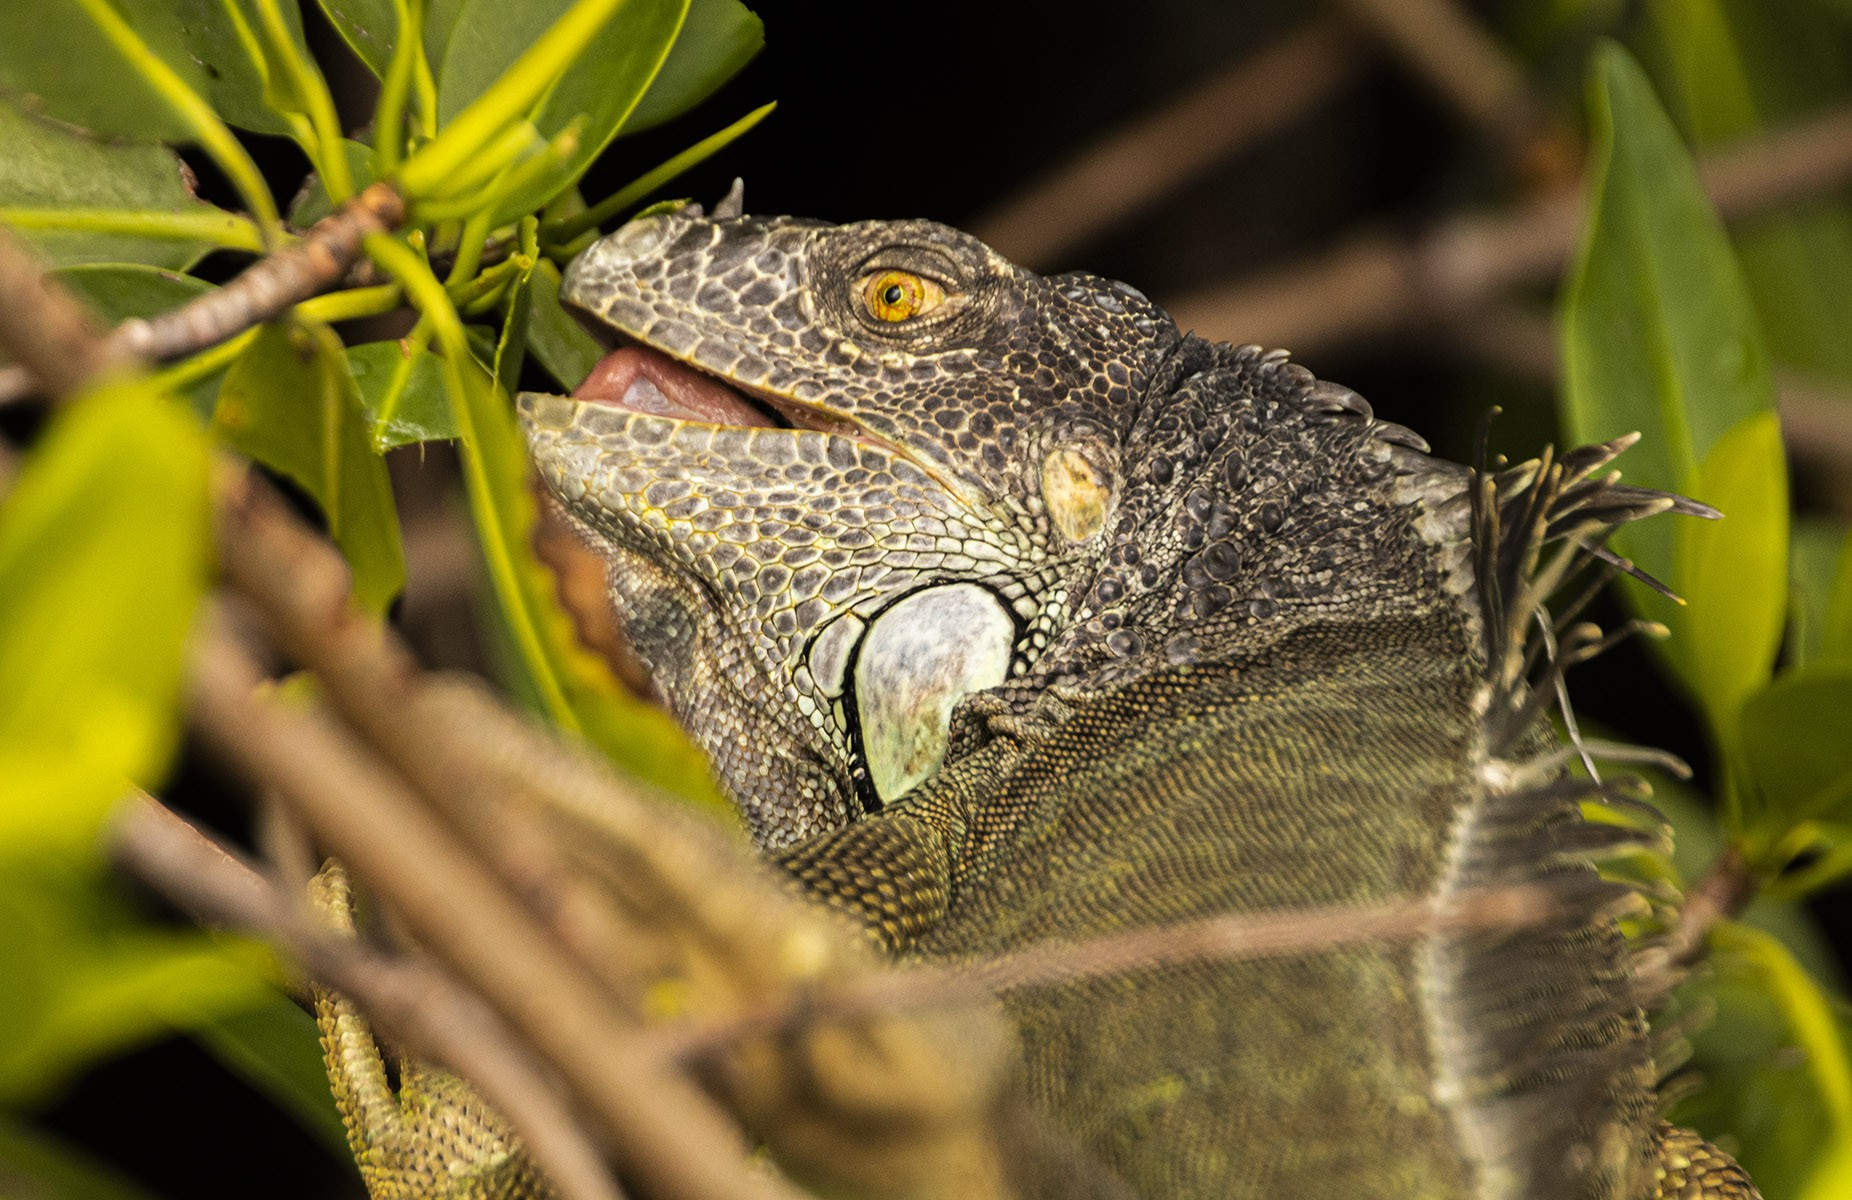 Iguana Closeup by Bridge.jpg